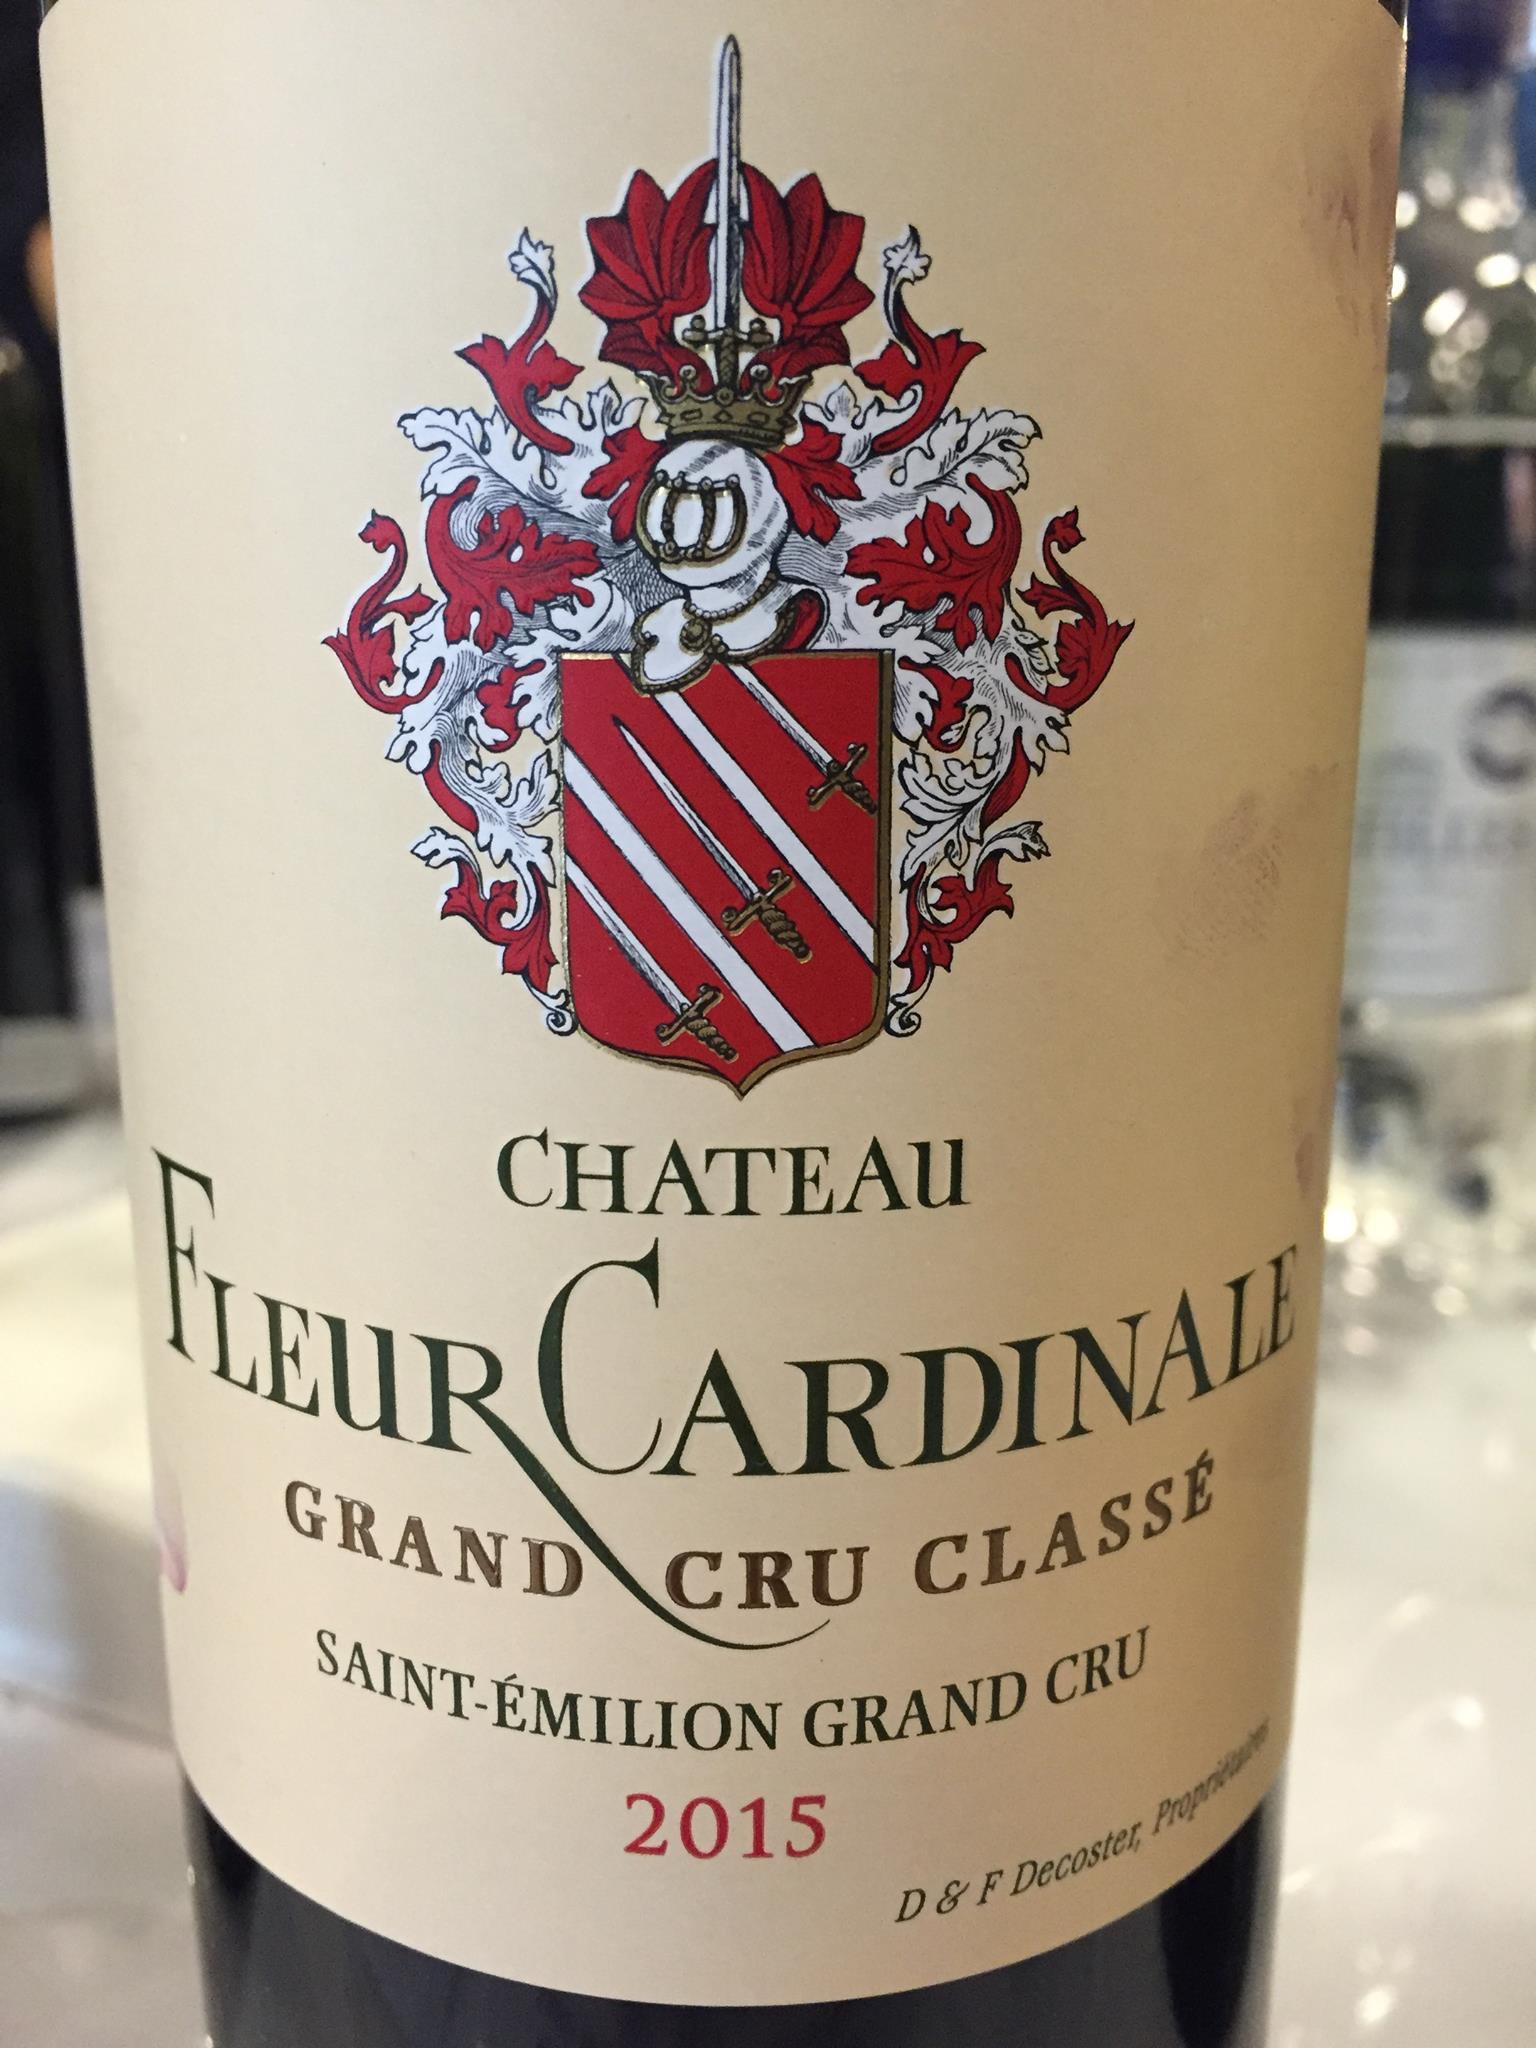 Château Fleur Cardinale 2015 – Saint-Emilion Grand Cru, Grand Cru Classé